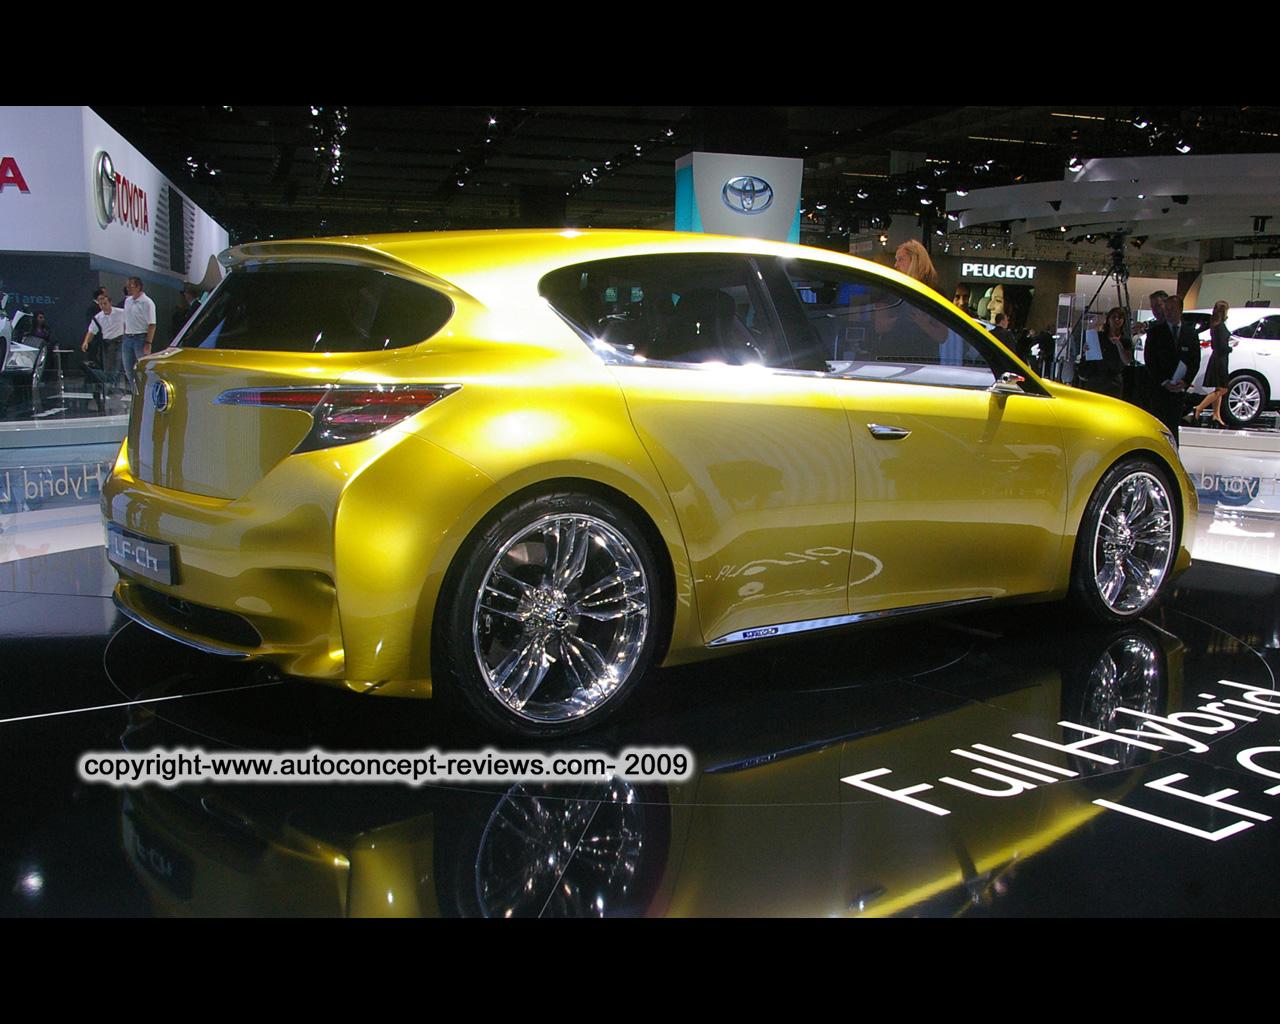 http://www.autoconcept-reviews.com/cars_reviews/lexus/lexus-lf-ch-concept-2009/wallpaper/image6.jpg